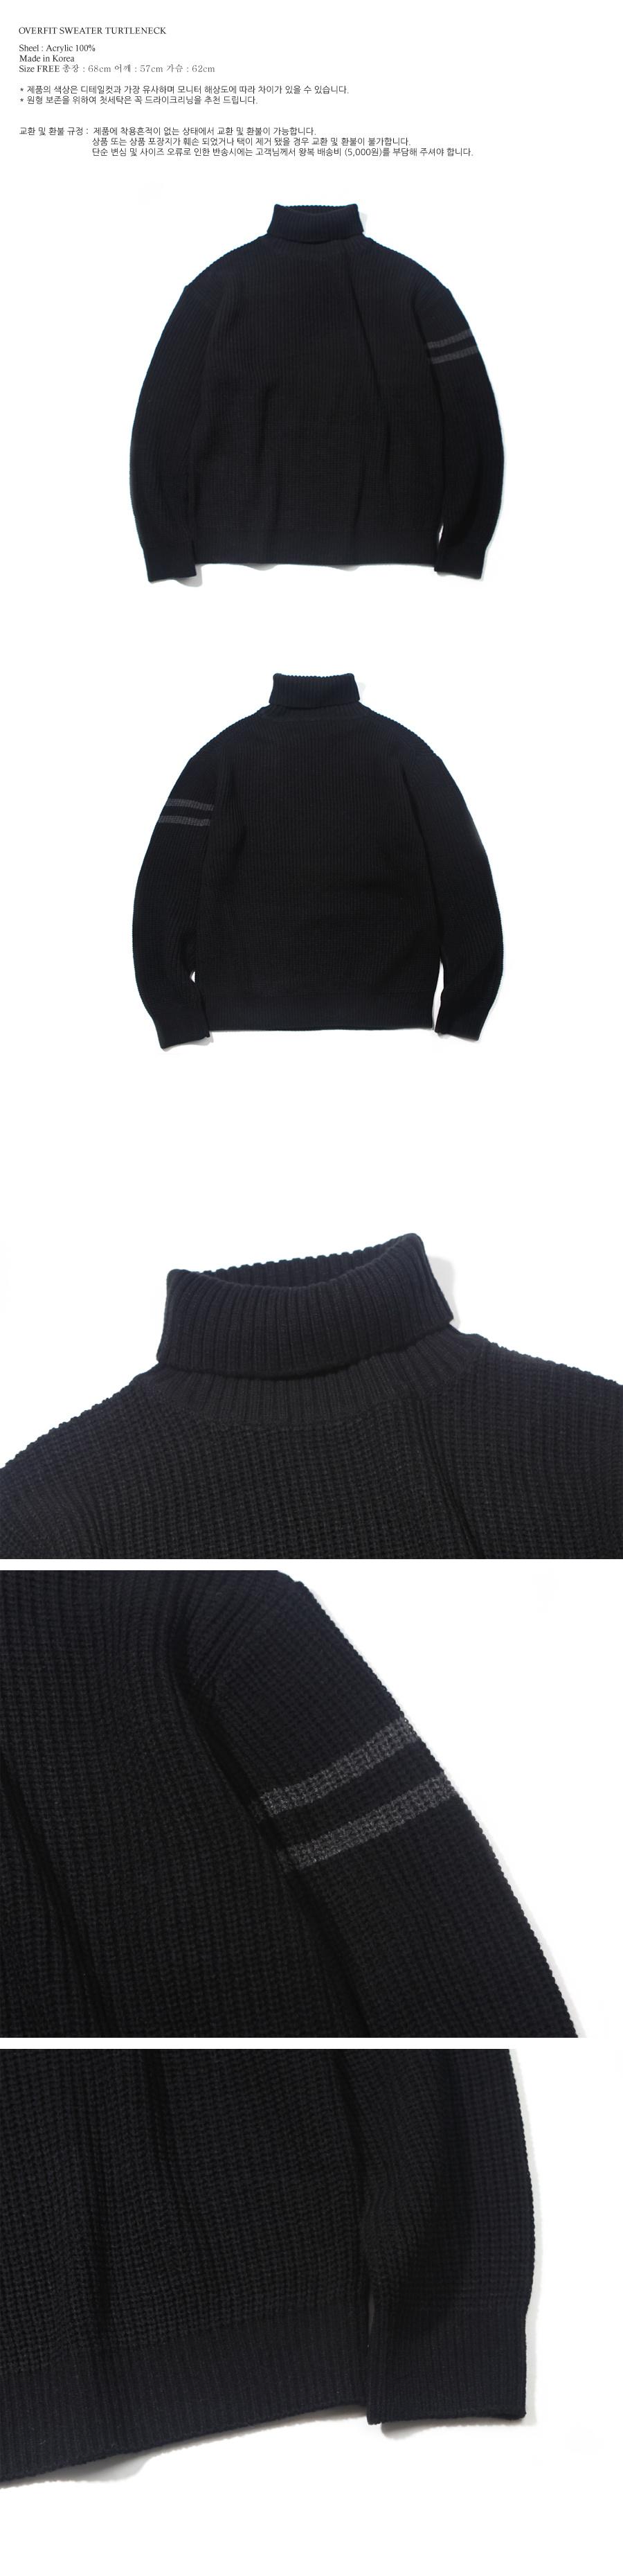 저스트세러데이(JUST SATURDAY) 오버핏 스웨터 터틀넥 블랙